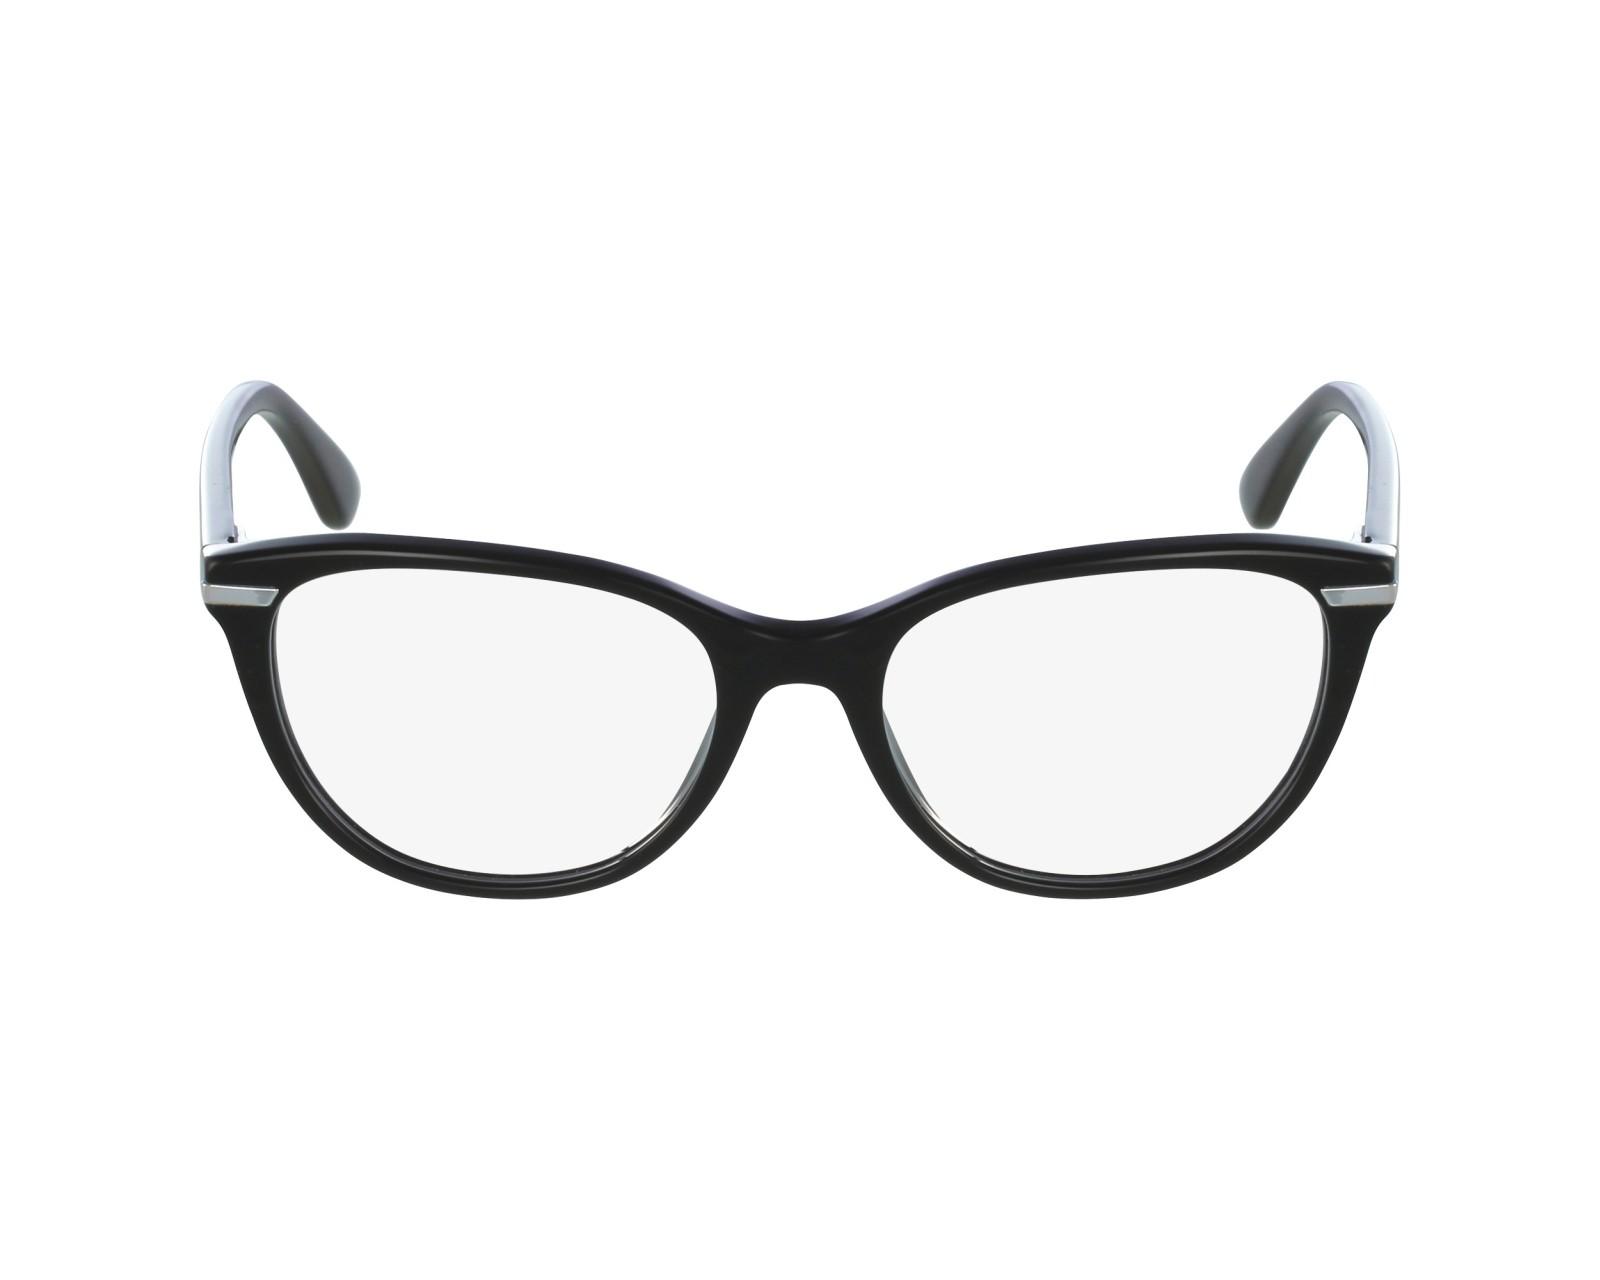 3e83ce0b77 Gafas Graduadas Vogue VO-2937 W44 51-17 Negra Plata vista de perfil